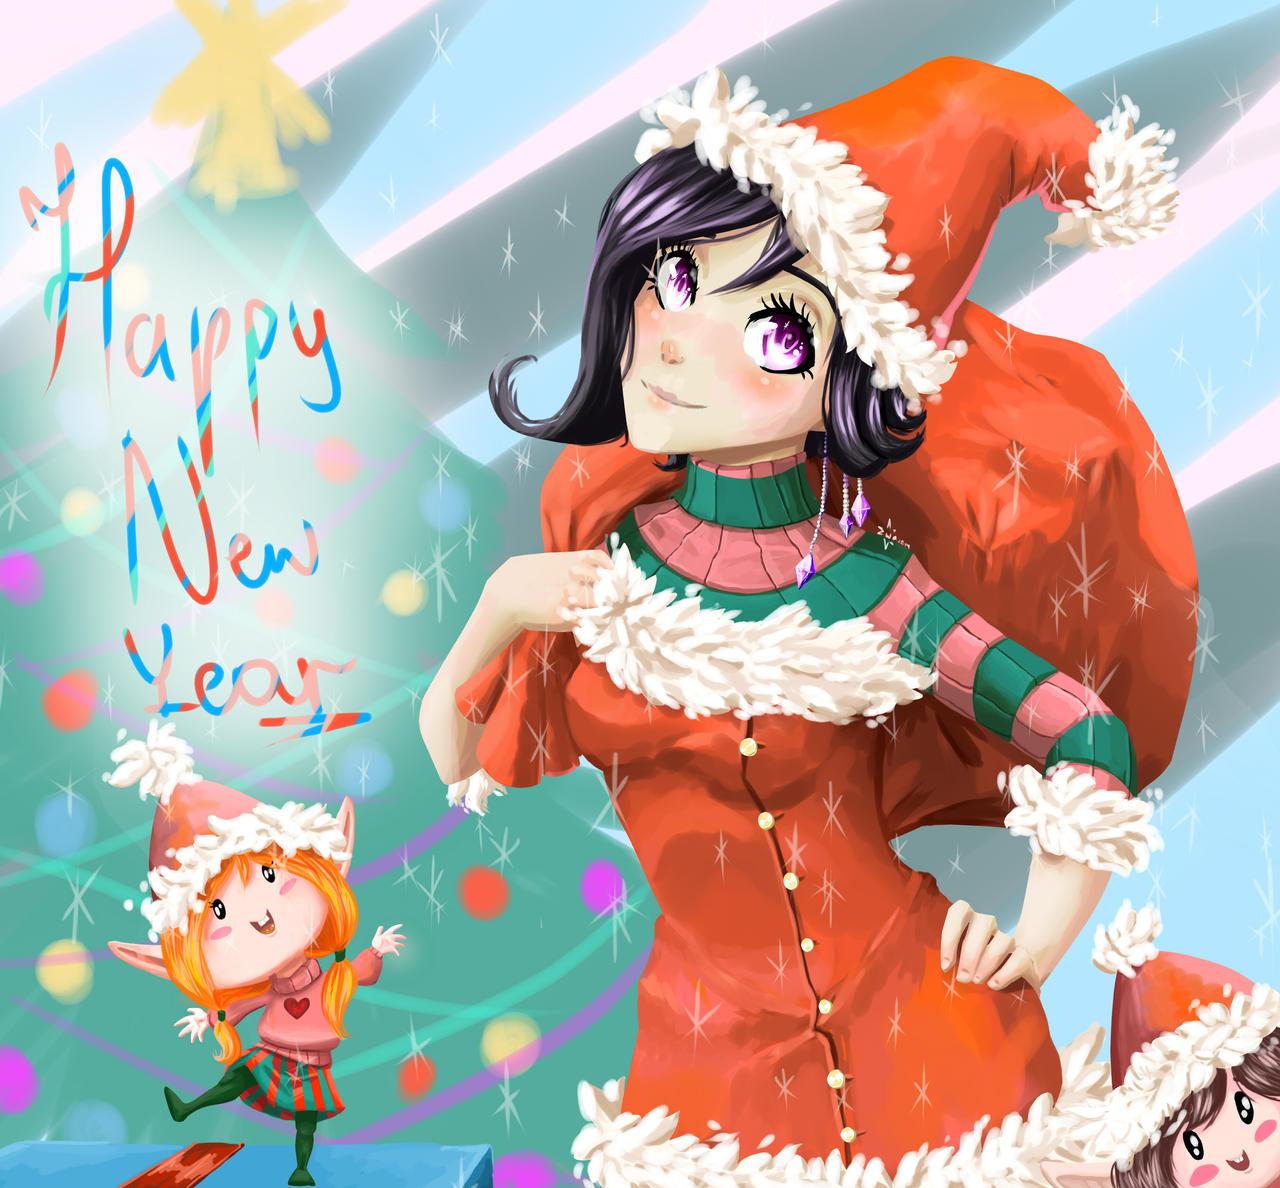 Happy New Year! by EwaAliatrop